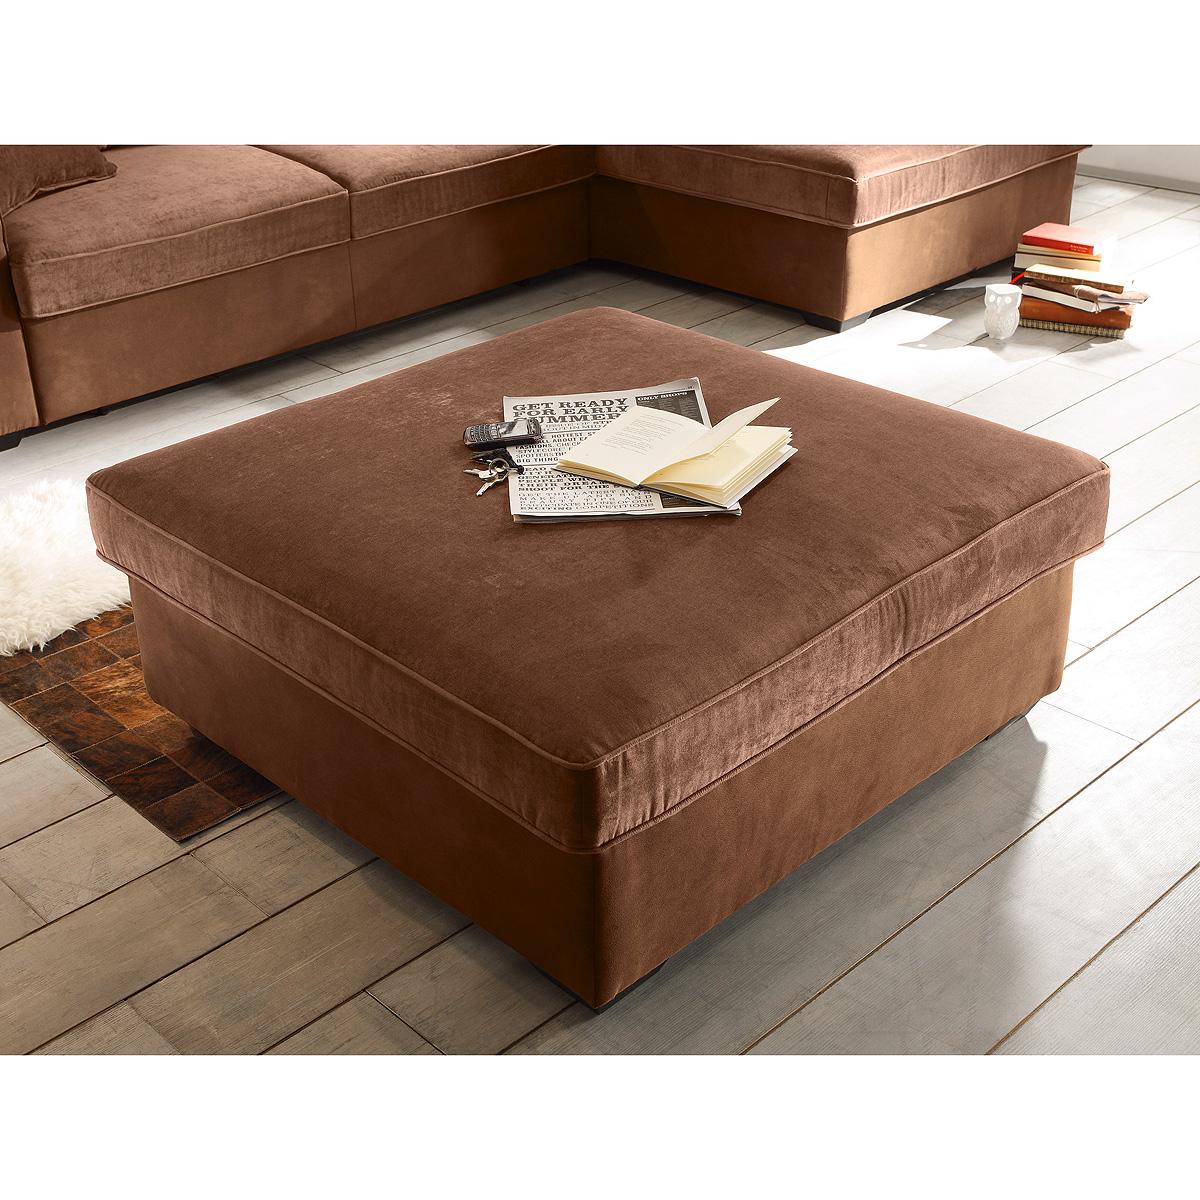 hocker canyon polsterhocker ottomane fu hocker braun schwarzbraun beige auswahl ebay. Black Bedroom Furniture Sets. Home Design Ideas